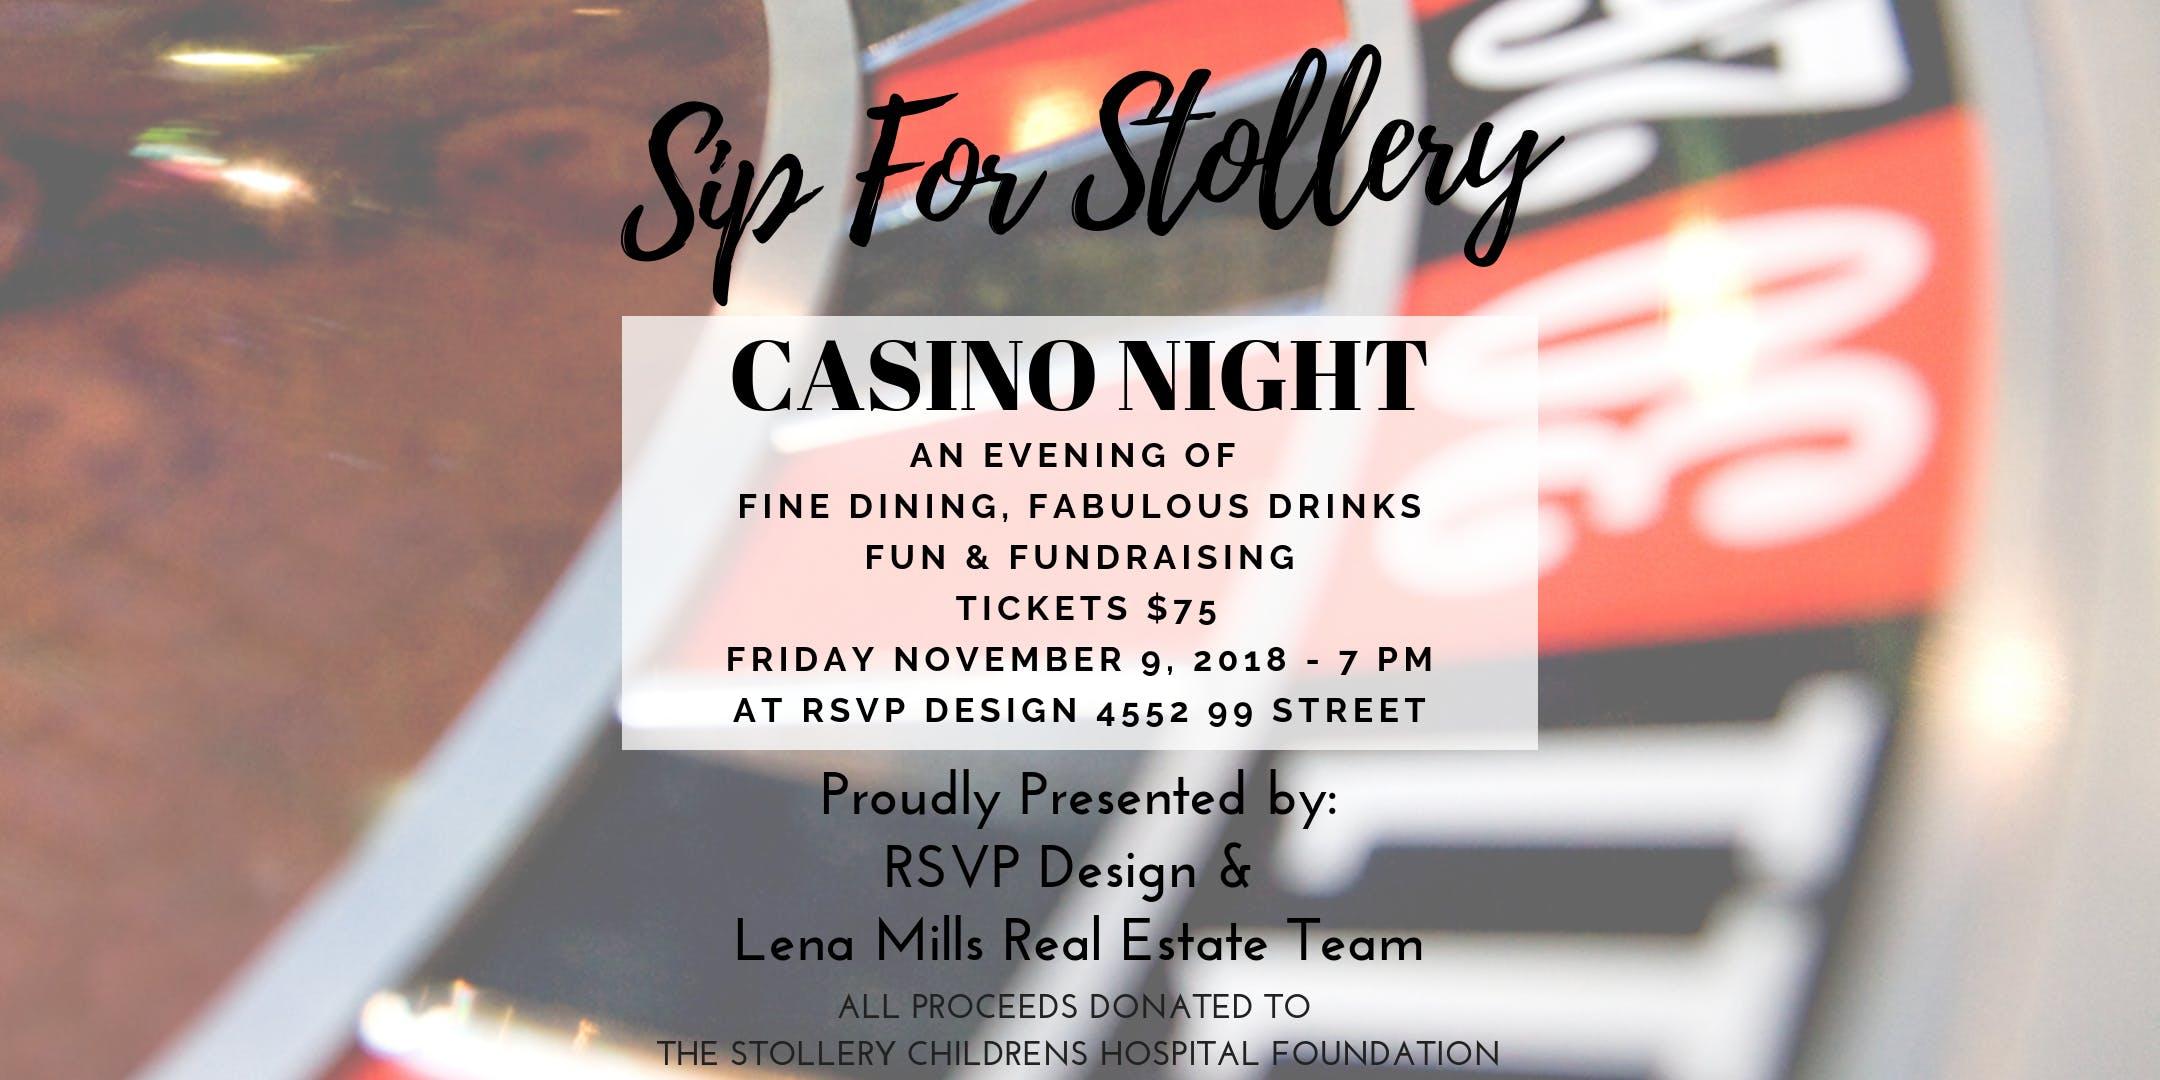 sip for stollery casino night 9 nov 2018